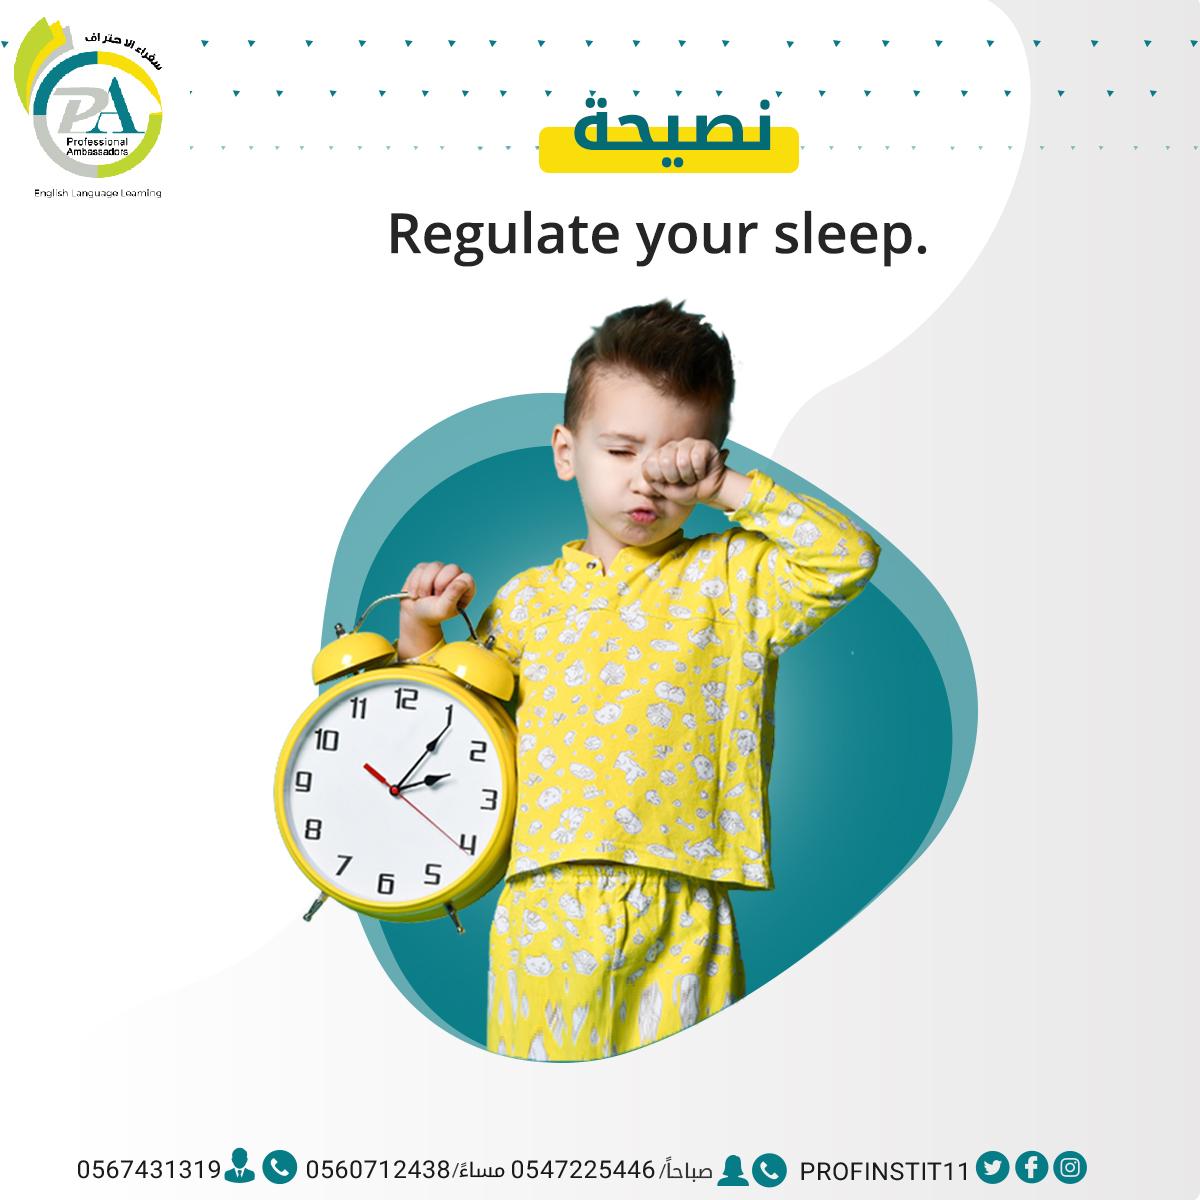 يُعد النوم في ساعات الليل من الأمور الهامة لبناء العقل والجسد. حين تجد شخصًا يصحو ليلاً وينام نهارًا، يمكنك أن تنصحه: نظّم نومك! = Regulate your sleep.   #دورات_اونلاين #الحجر_المنزلي #خليك_بالبيت #عيد_مبارك #كورونا https://t.co/GwlrJPuh6D